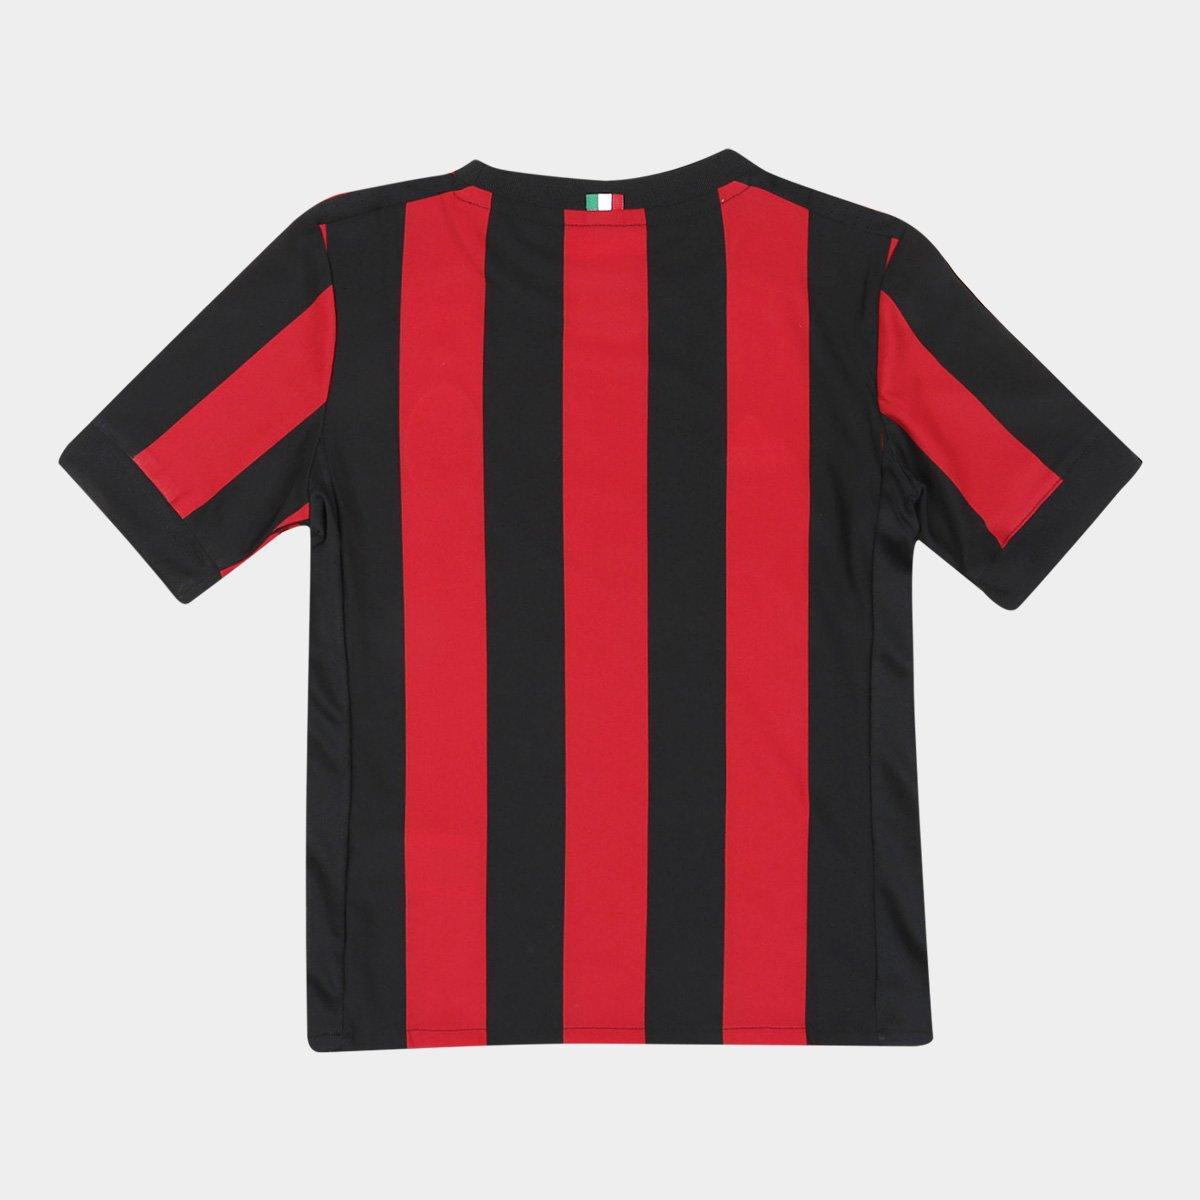 ... Home Preto Torcedor nº e Adidas Milan 18 17 Infantil s Camisa Vermelho  wPSExC00 ... 653b14822f958